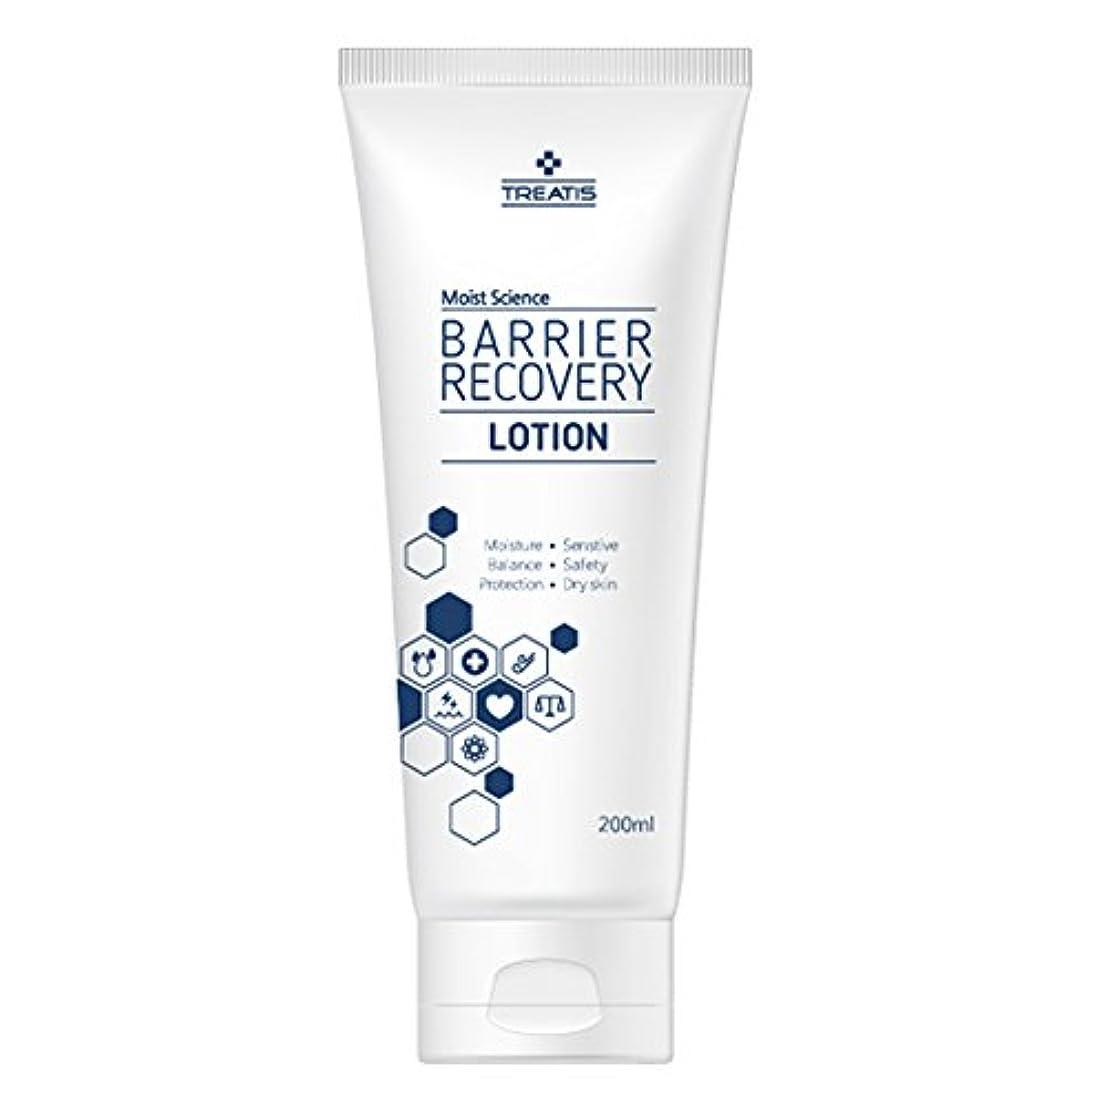 口述セーター球体Treatis barrier recovery lotion 7oz (200ml)/Moisture, Senstive, Balance, Safty, Protection, Dry skin [並行輸入品]